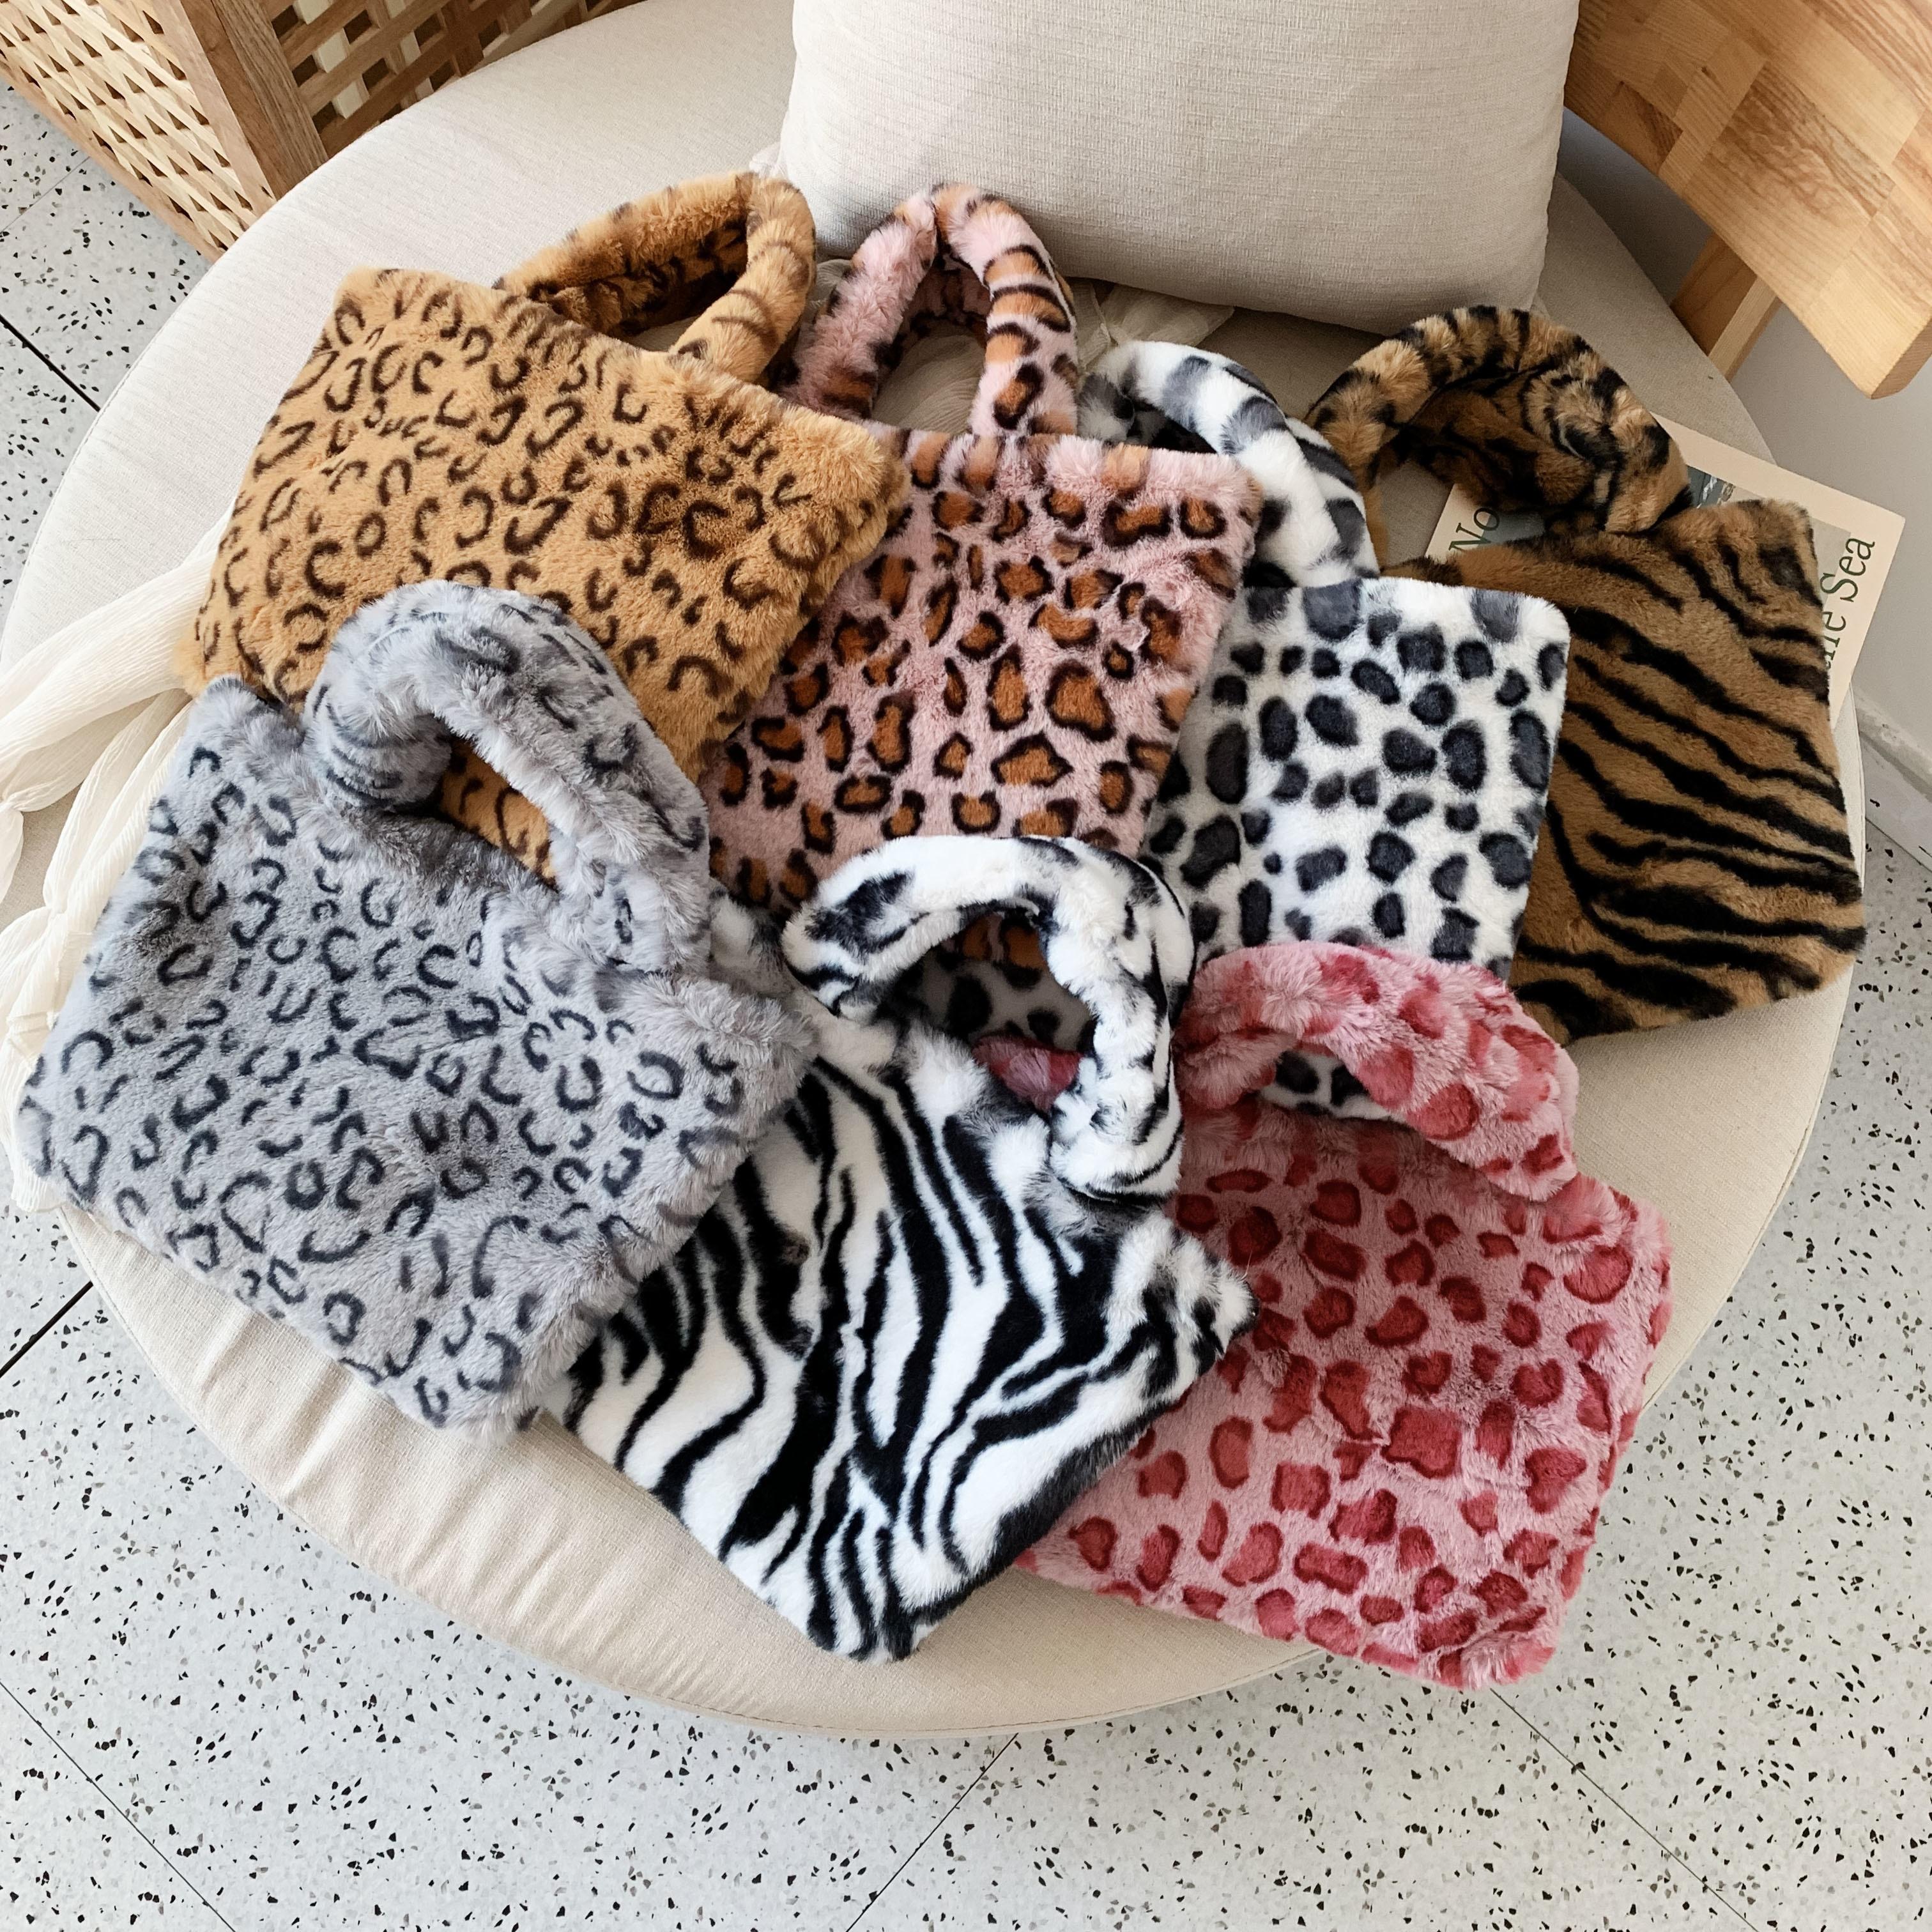 Winter New Fashion Shoulder Bag Female Leopard Female Bag Chain Large Plush Winter Handbag Messenger Bag Soft Warm Fur Bag